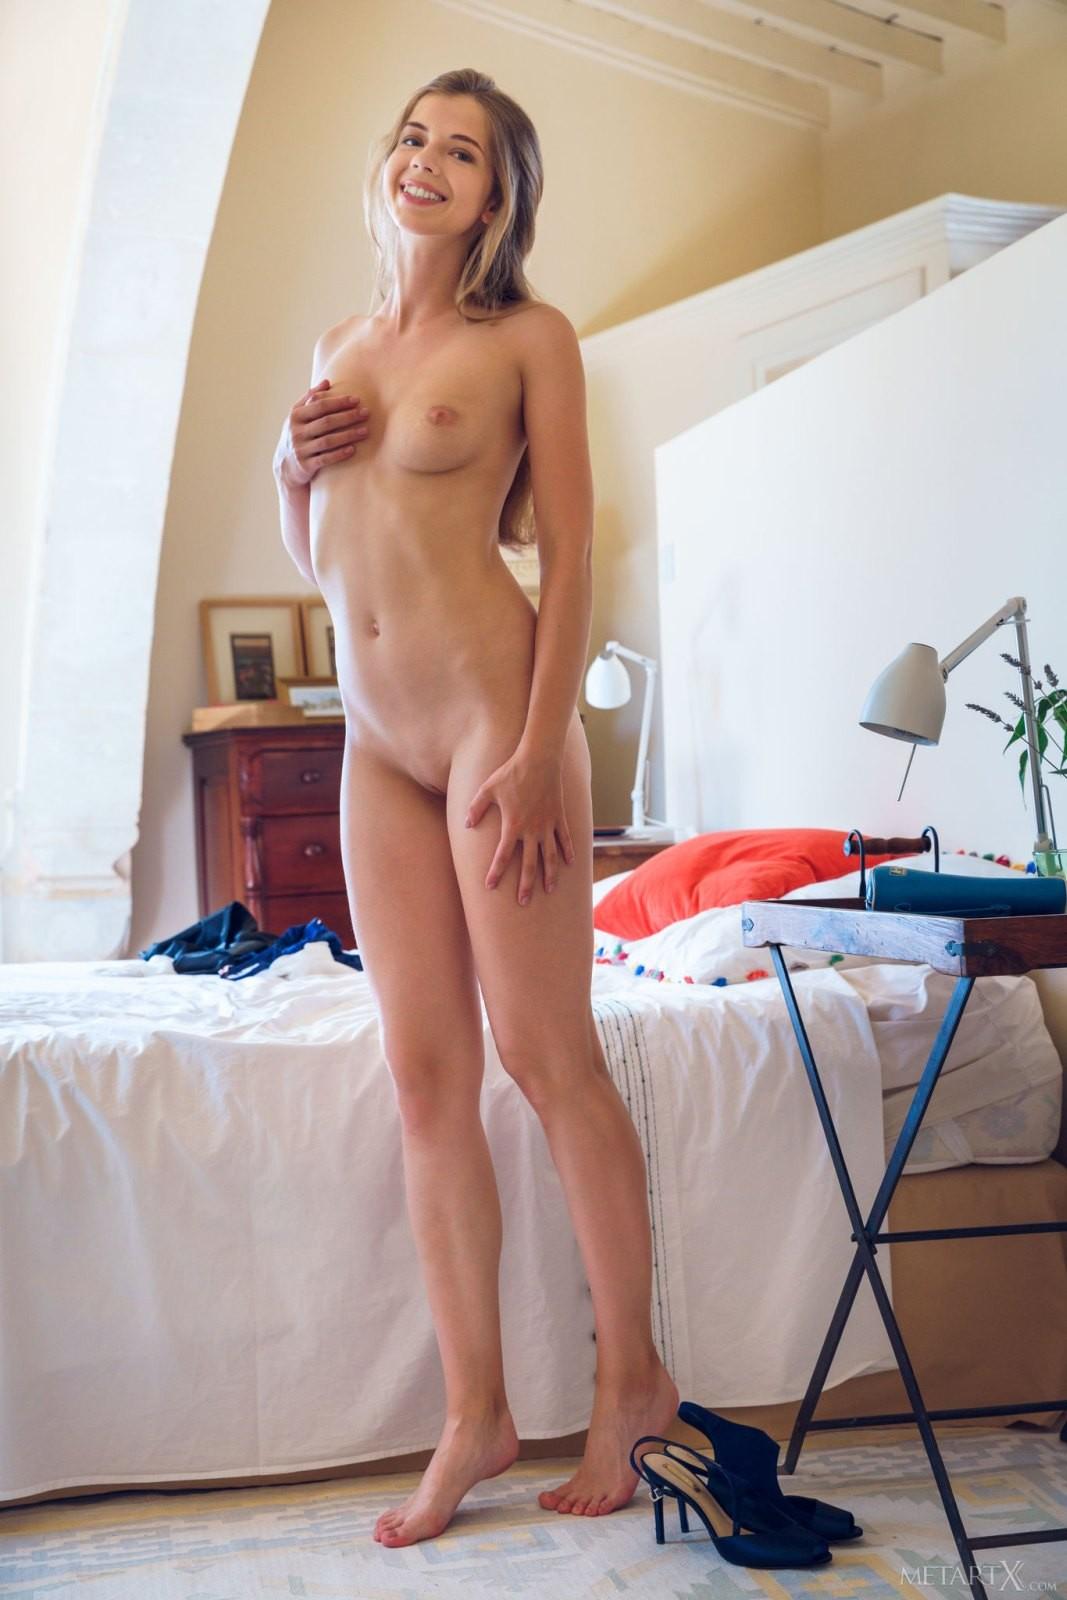 Деловая студентка голая в спальне - фото